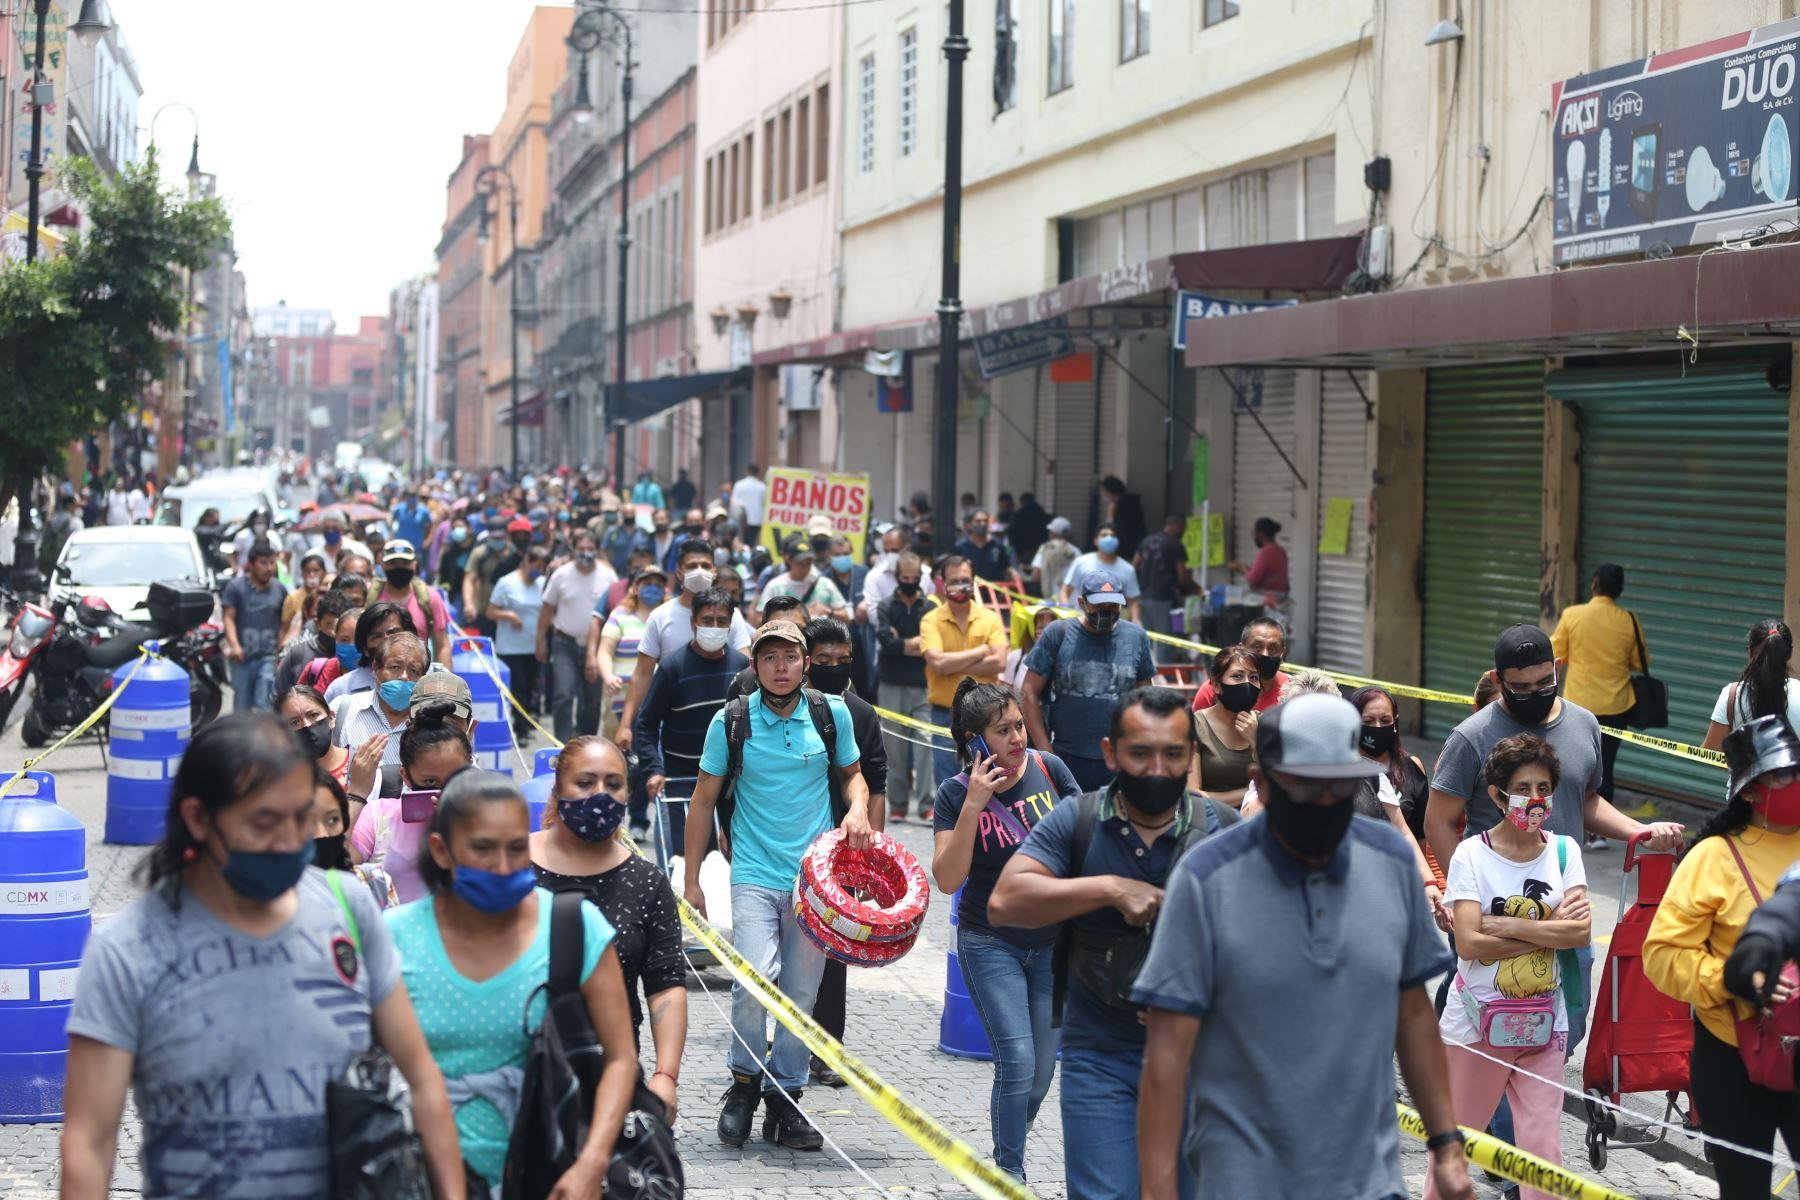 Docenas de personas hacen fila para ingresar al Centro Histórico en Ciudad de México (México). Foto: Efe.